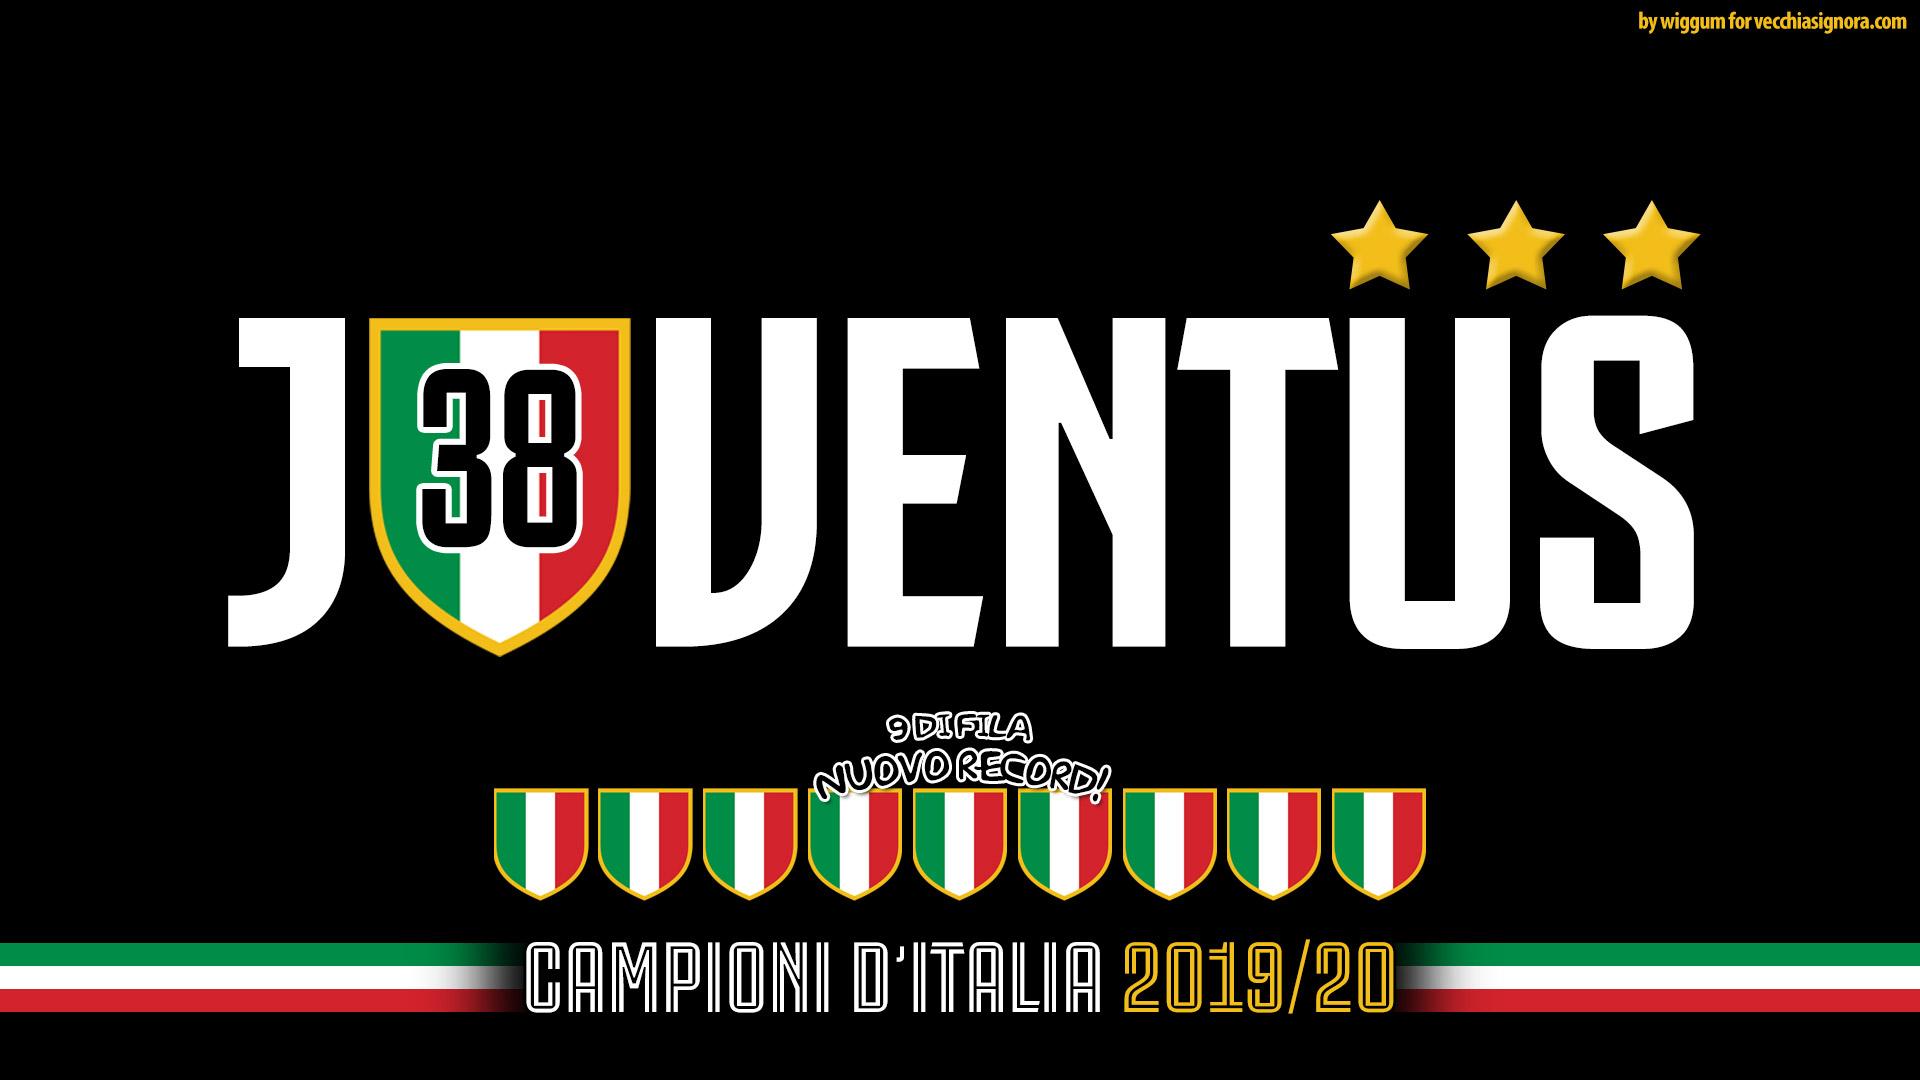 21+ Sfondi Juventus 2019  PNG